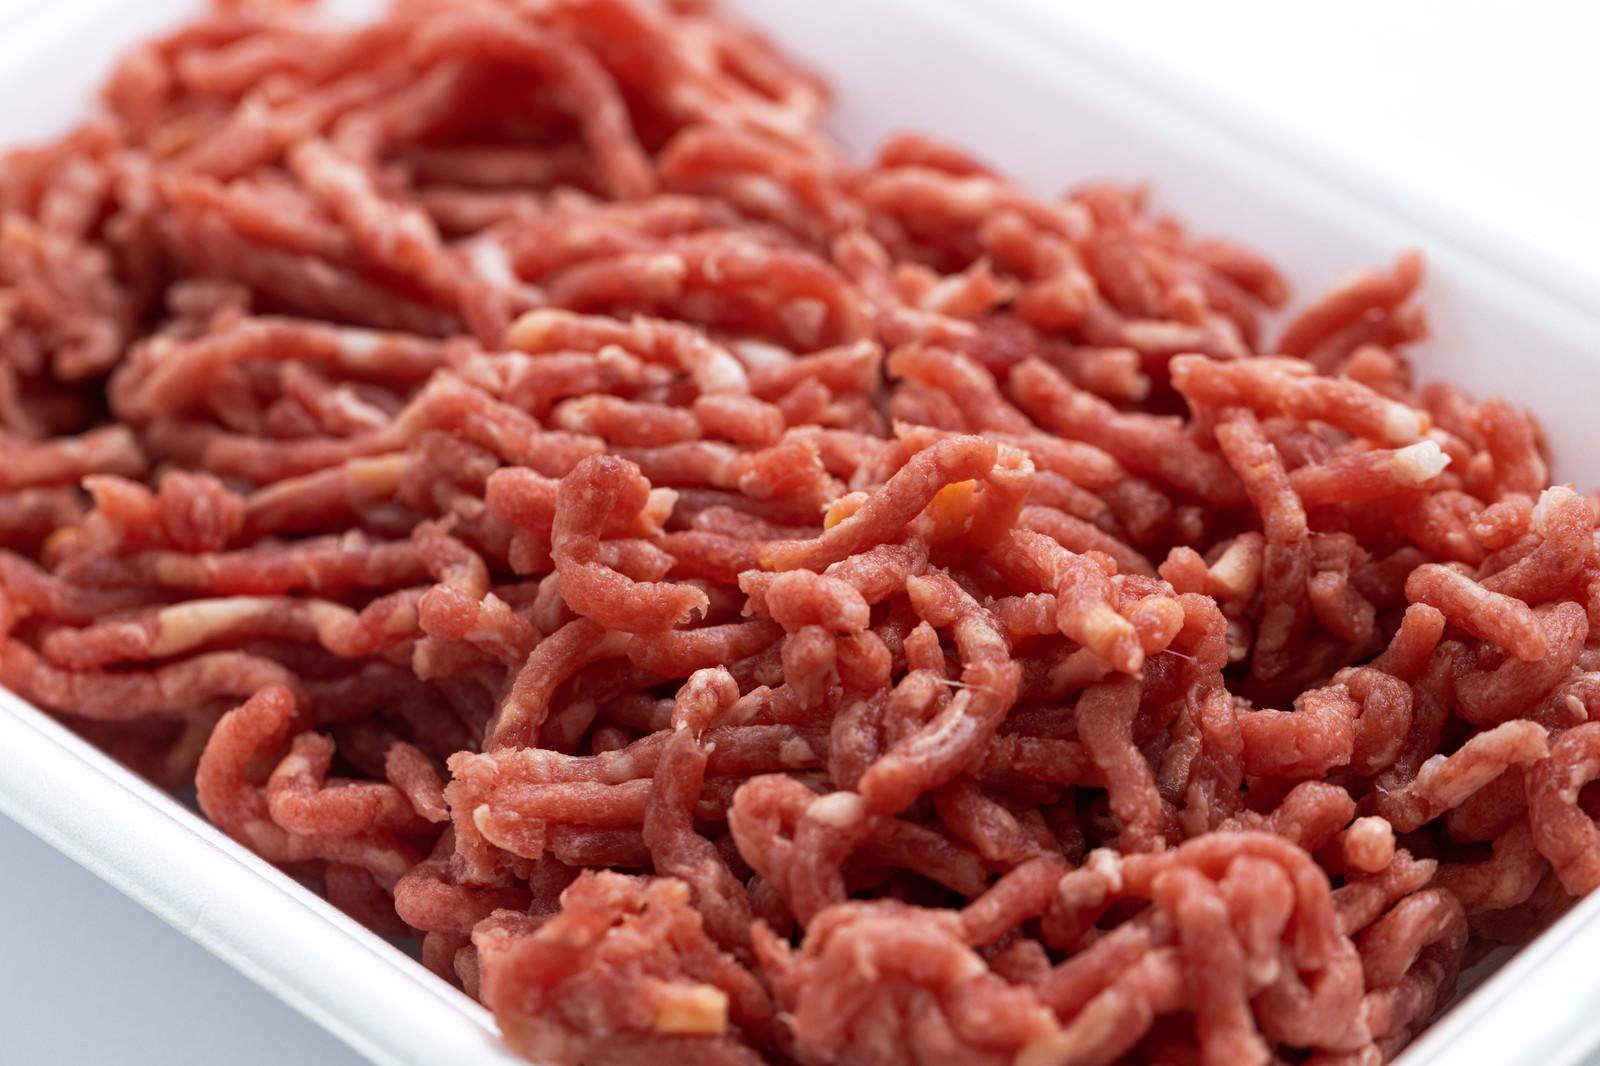 「牛か豚かわからないミンチ肉ドアップ」の写真